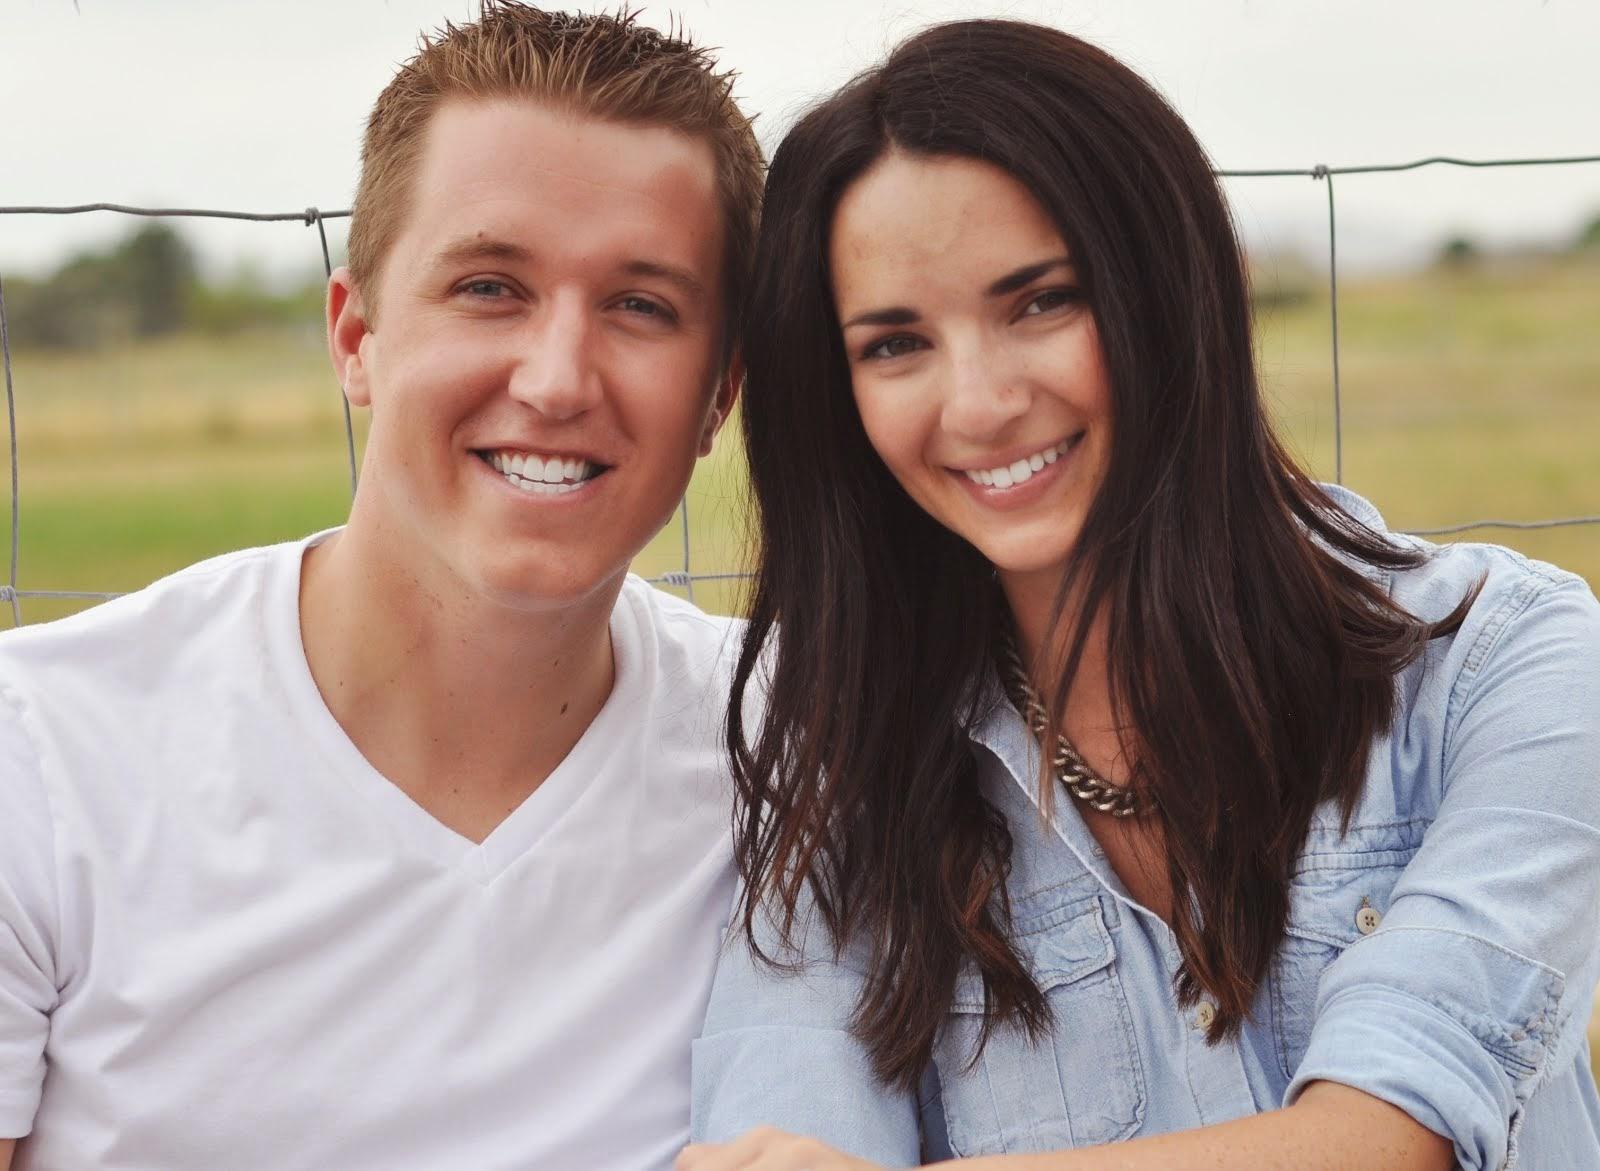 Andy and Lauren